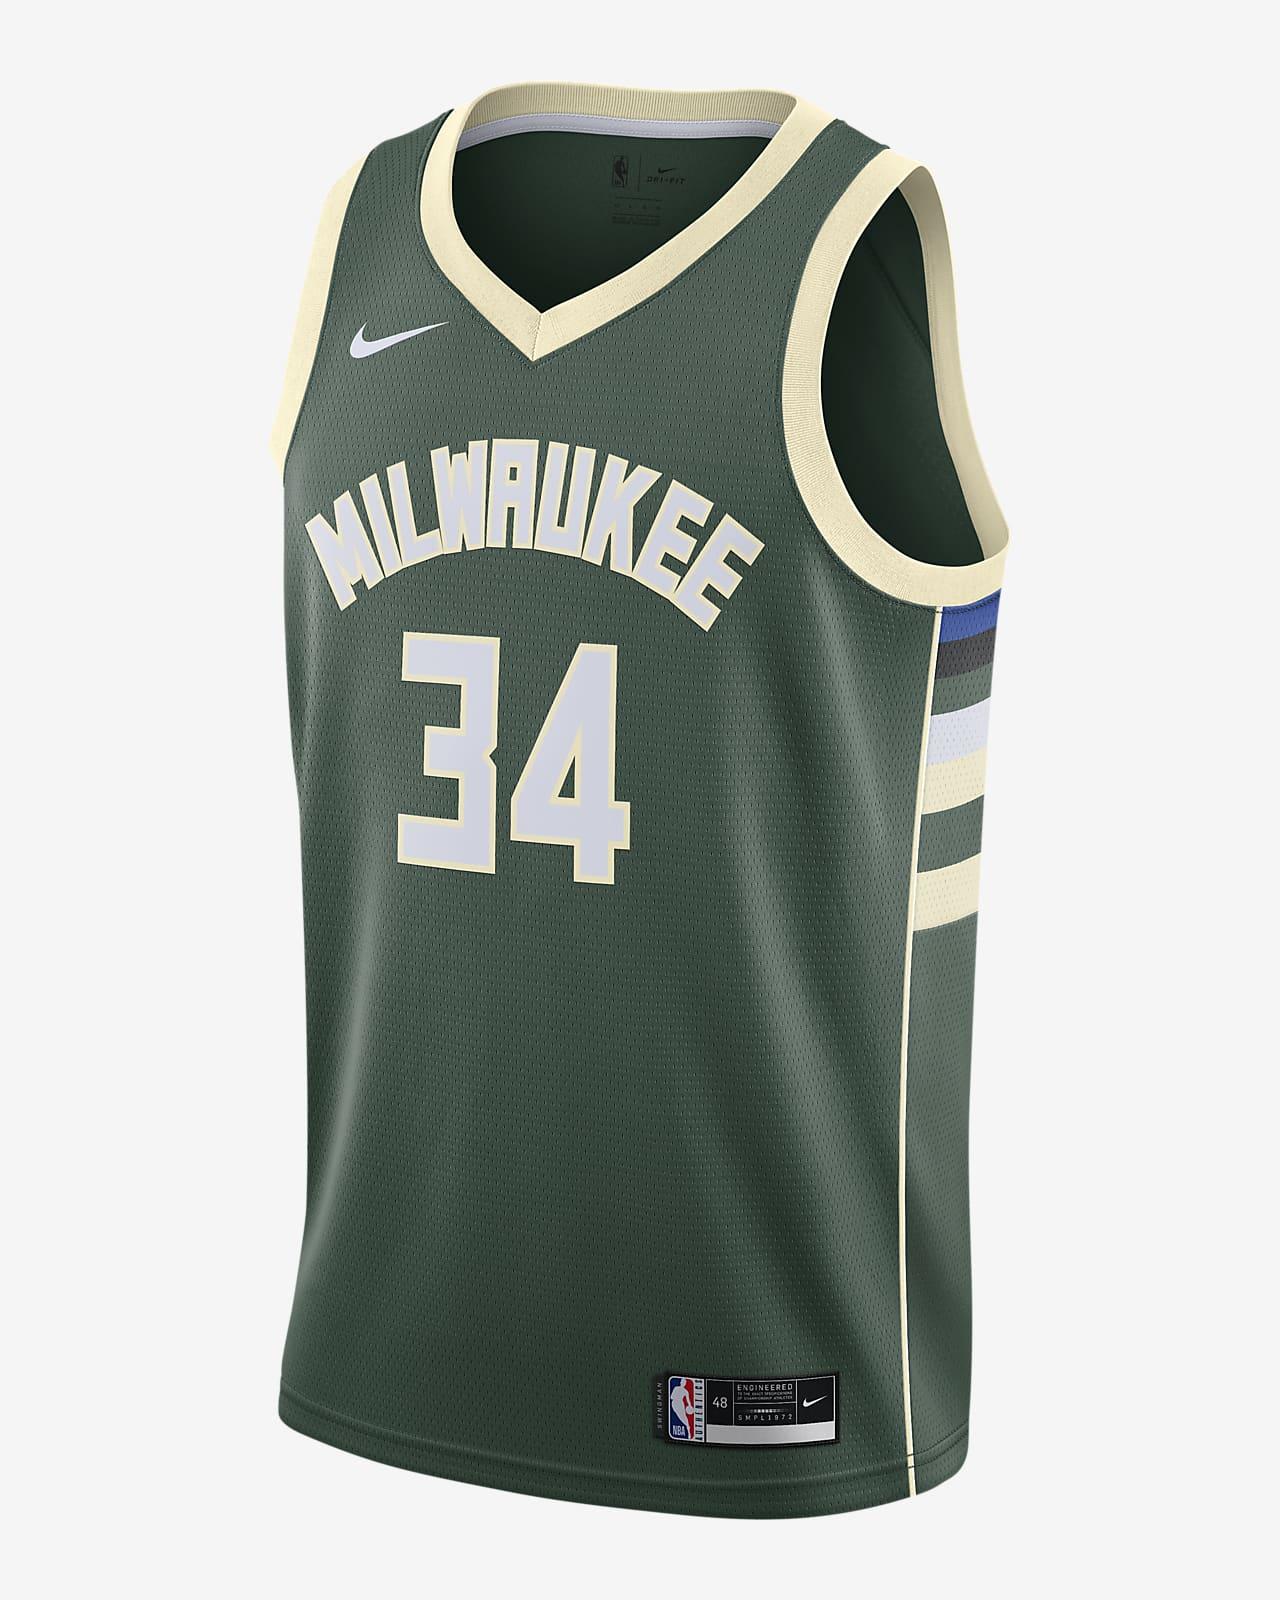 ヤニス アデトクンボ バックス アイコン エディション 2020 ナイキ メンズ NBA スウィングマン ジャージー